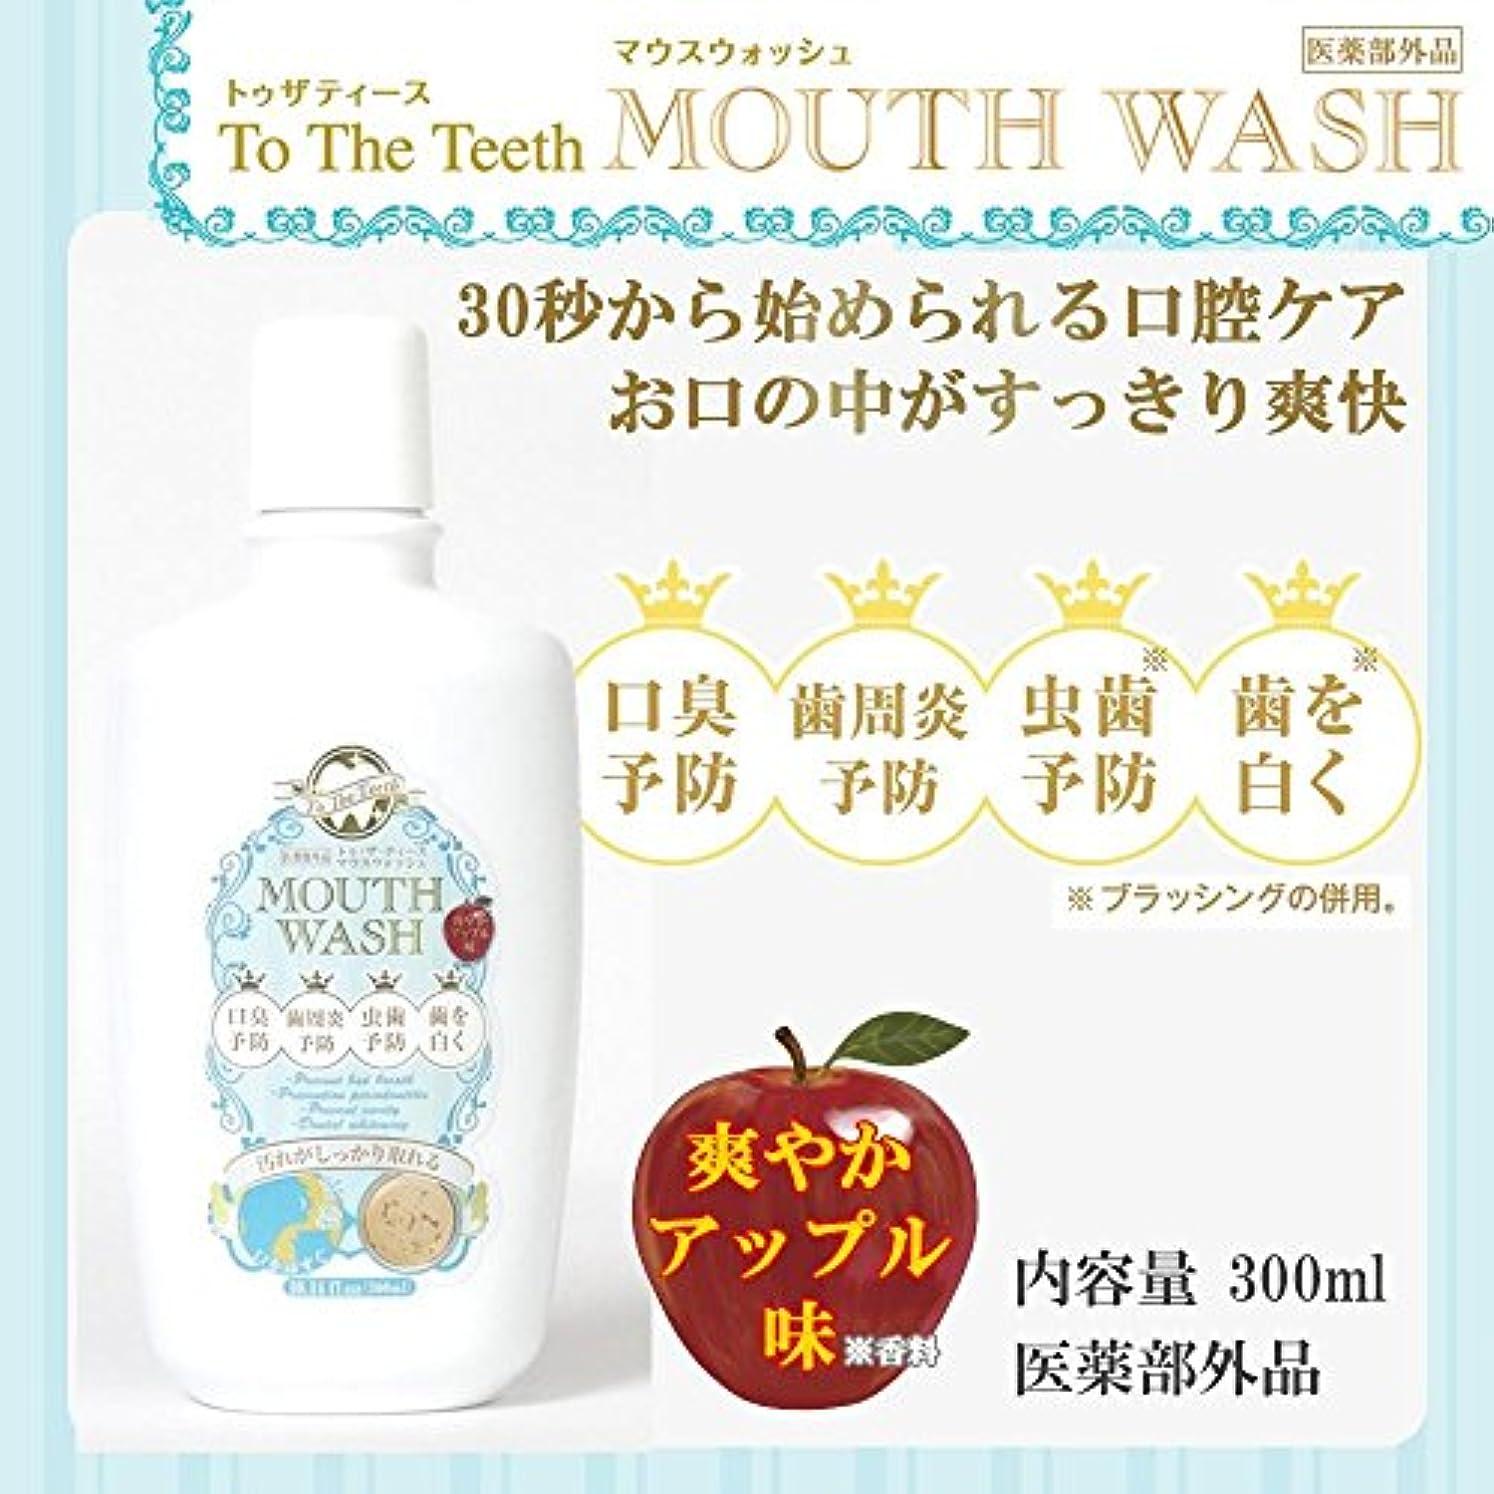 冷ややかなフック年金To The Teeth(トゥ?ザ?ティース) マウスウォッシュ 医薬部外品 300ml